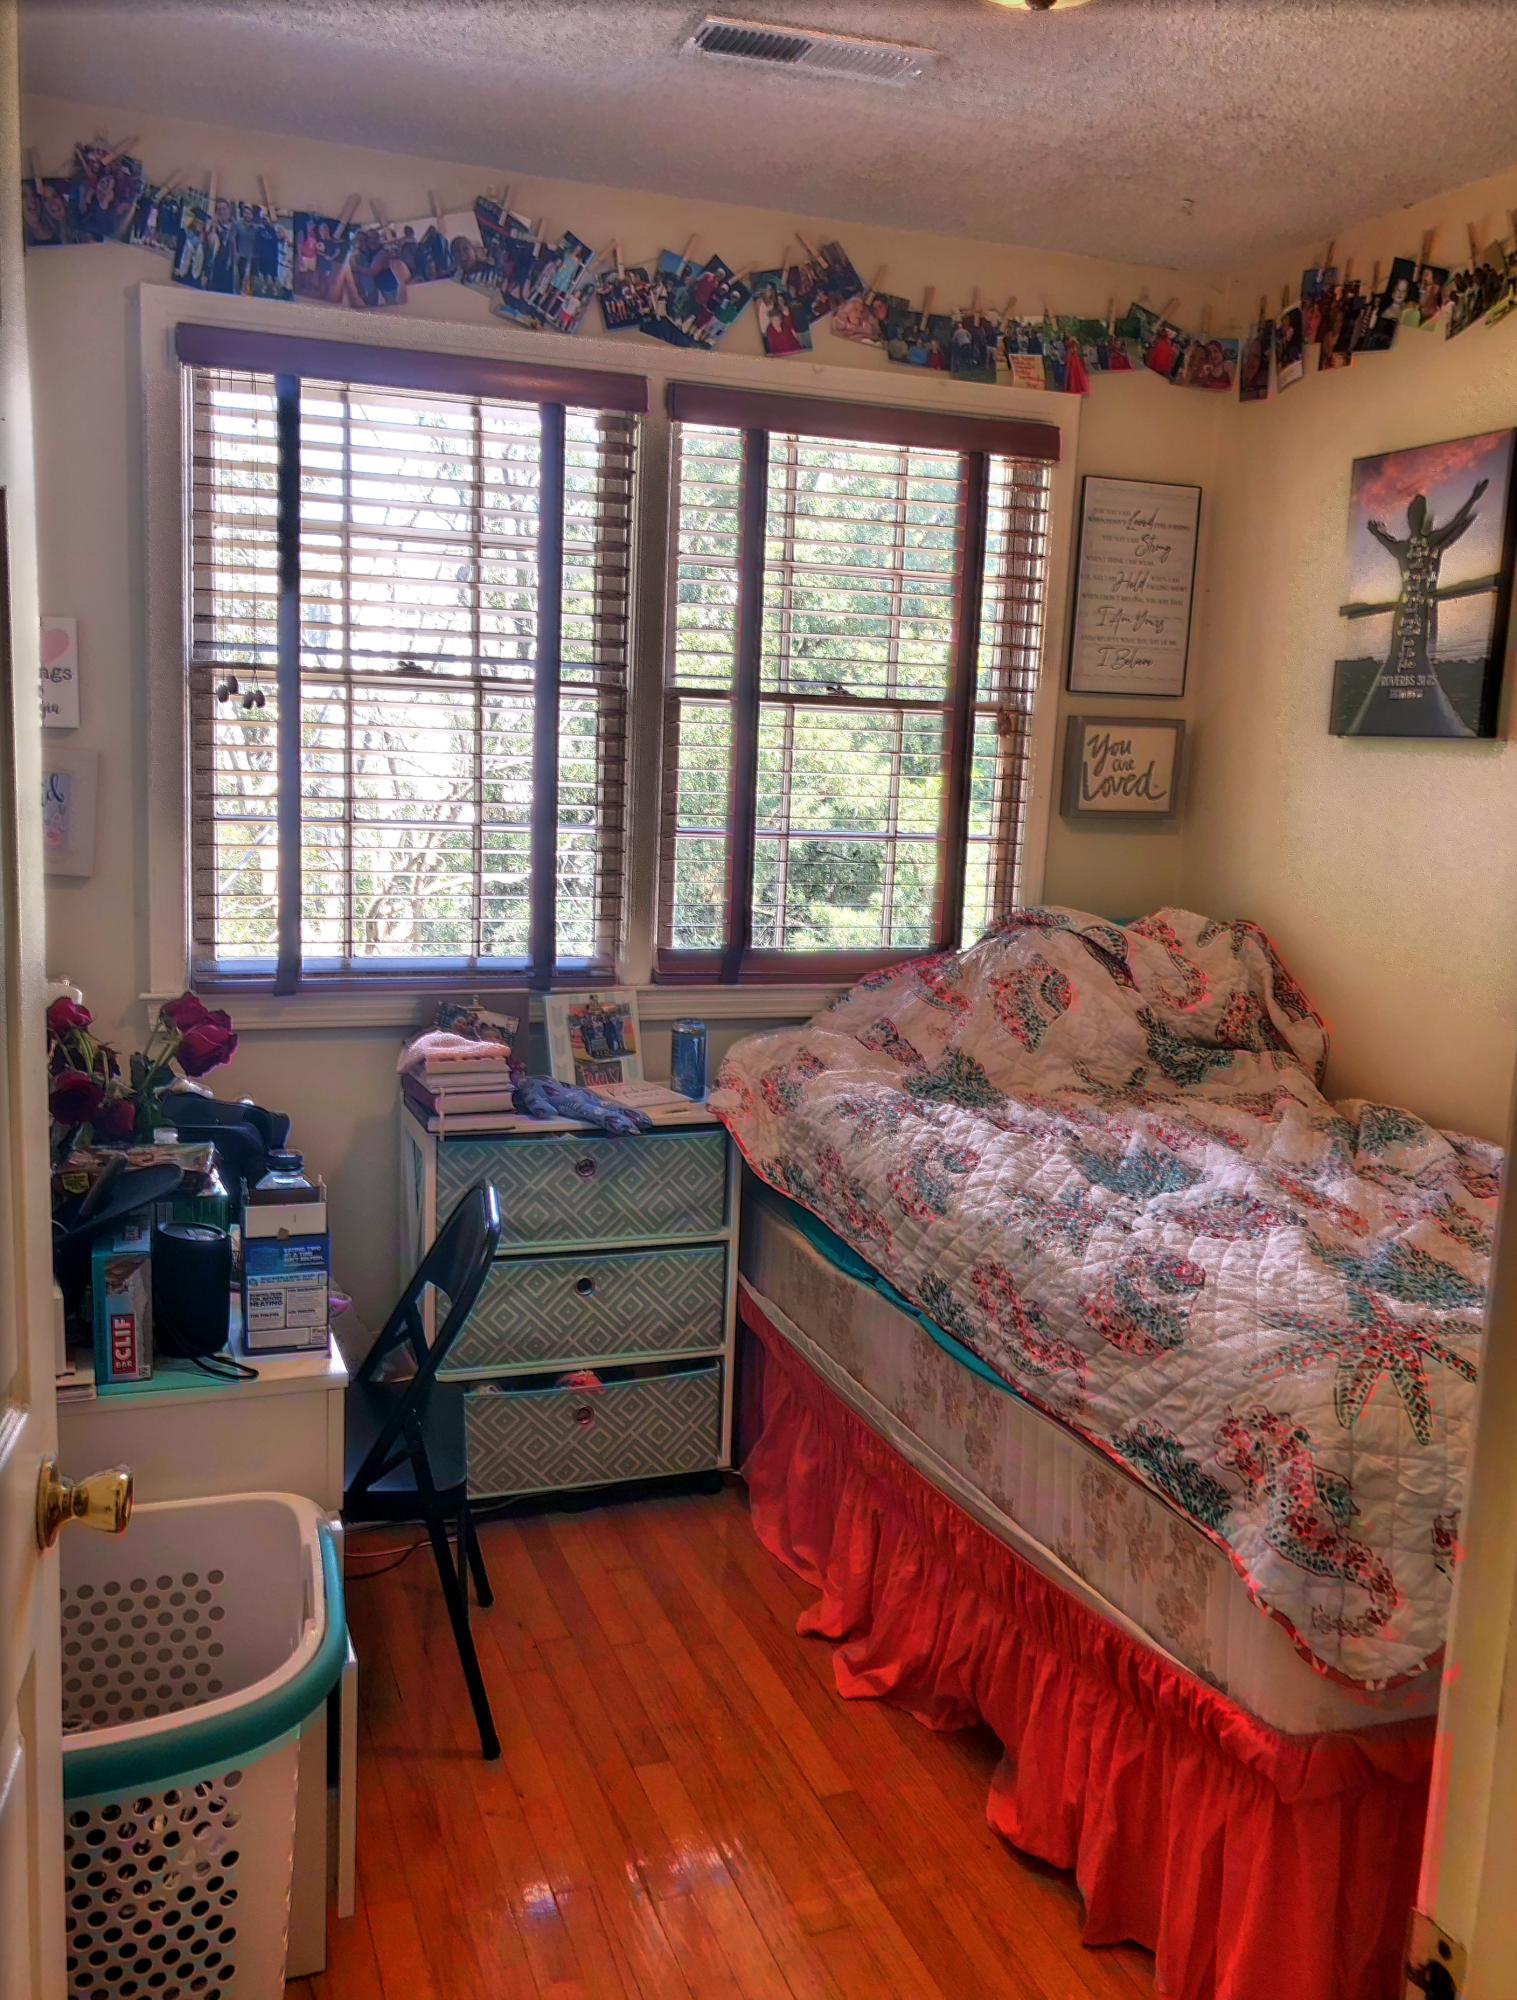 Harleston Village Homes For Sale - 188 Queen, Charleston, SC - 24